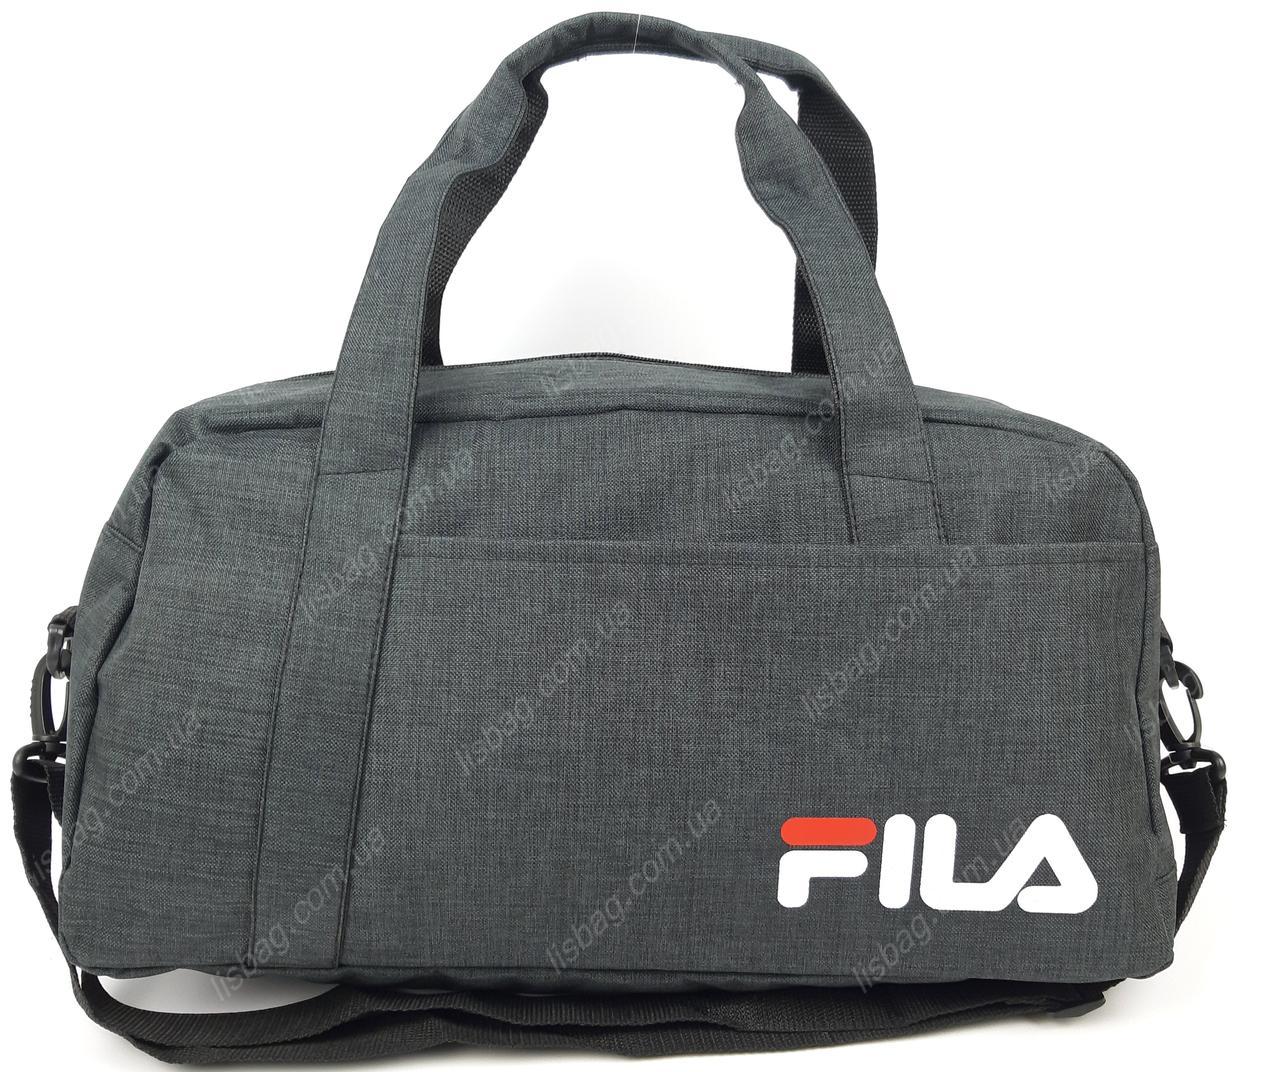 57c9b2bc465a Вместительная спортивная сумка Fila реплика люкс качества, Темно-серая -  Интернет магазин Lisbag в